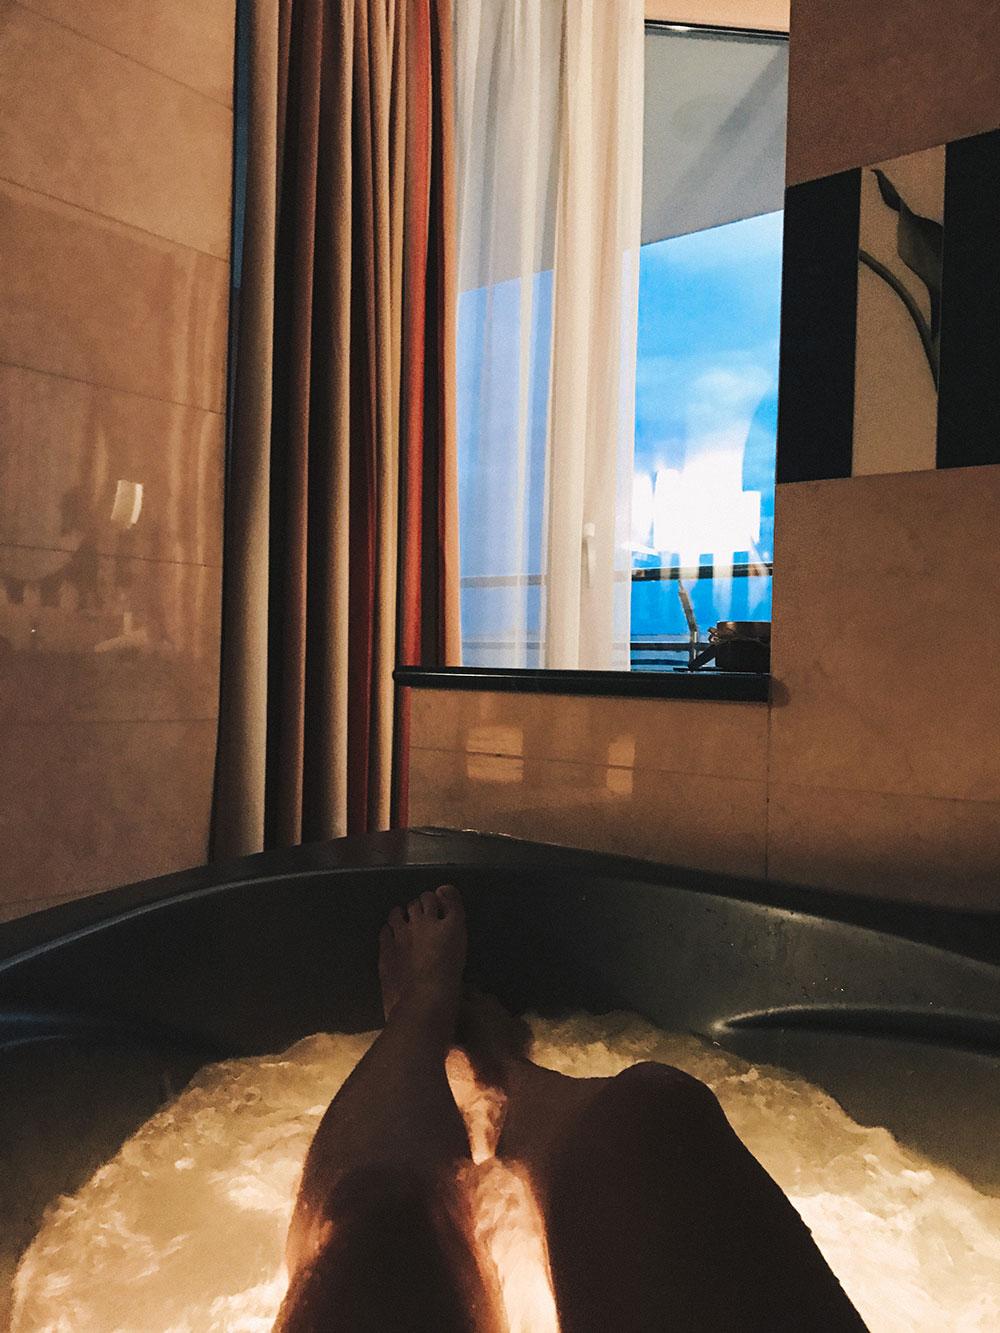 Kurztrip ins Hotel Livada Prestige in Slowenien, Storiesofprekmurje, Erfahrungsbericht, Wellness Wochenende, Golf, Natur, Reiseblog, Travelblogger, whoismocca.com